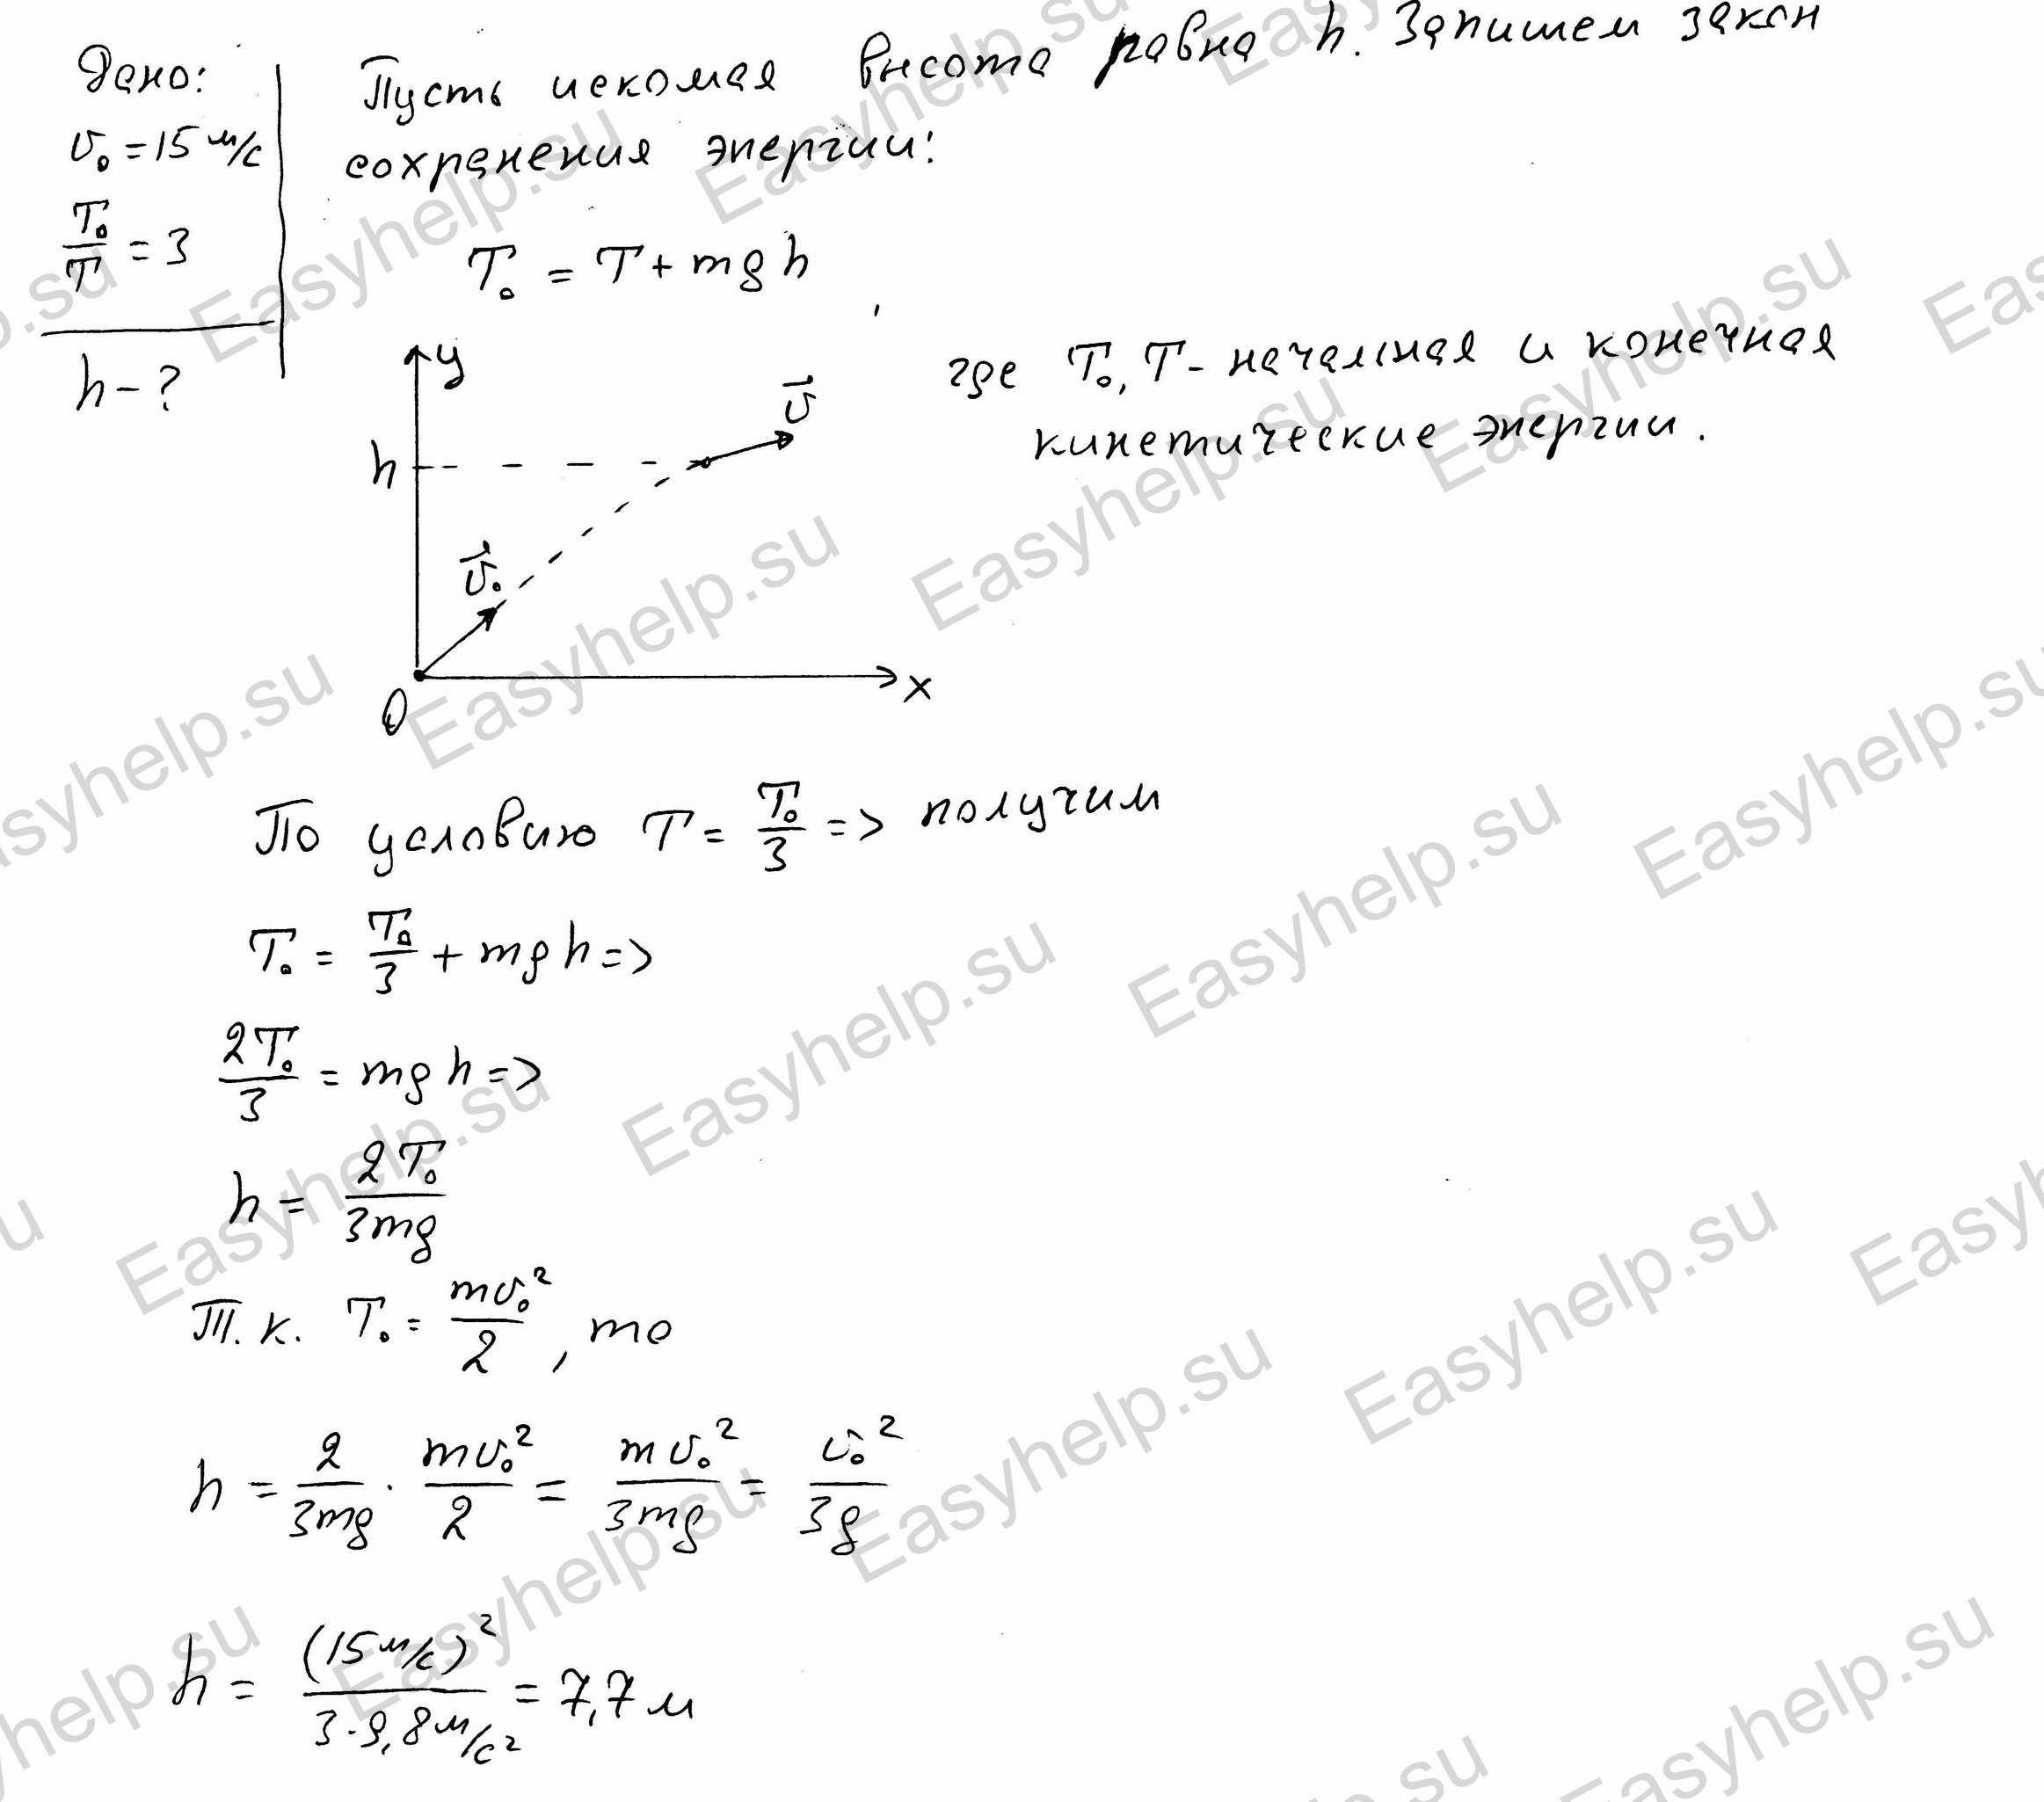 Решение задач по теме угол реши задачу двумя способами в одной книге